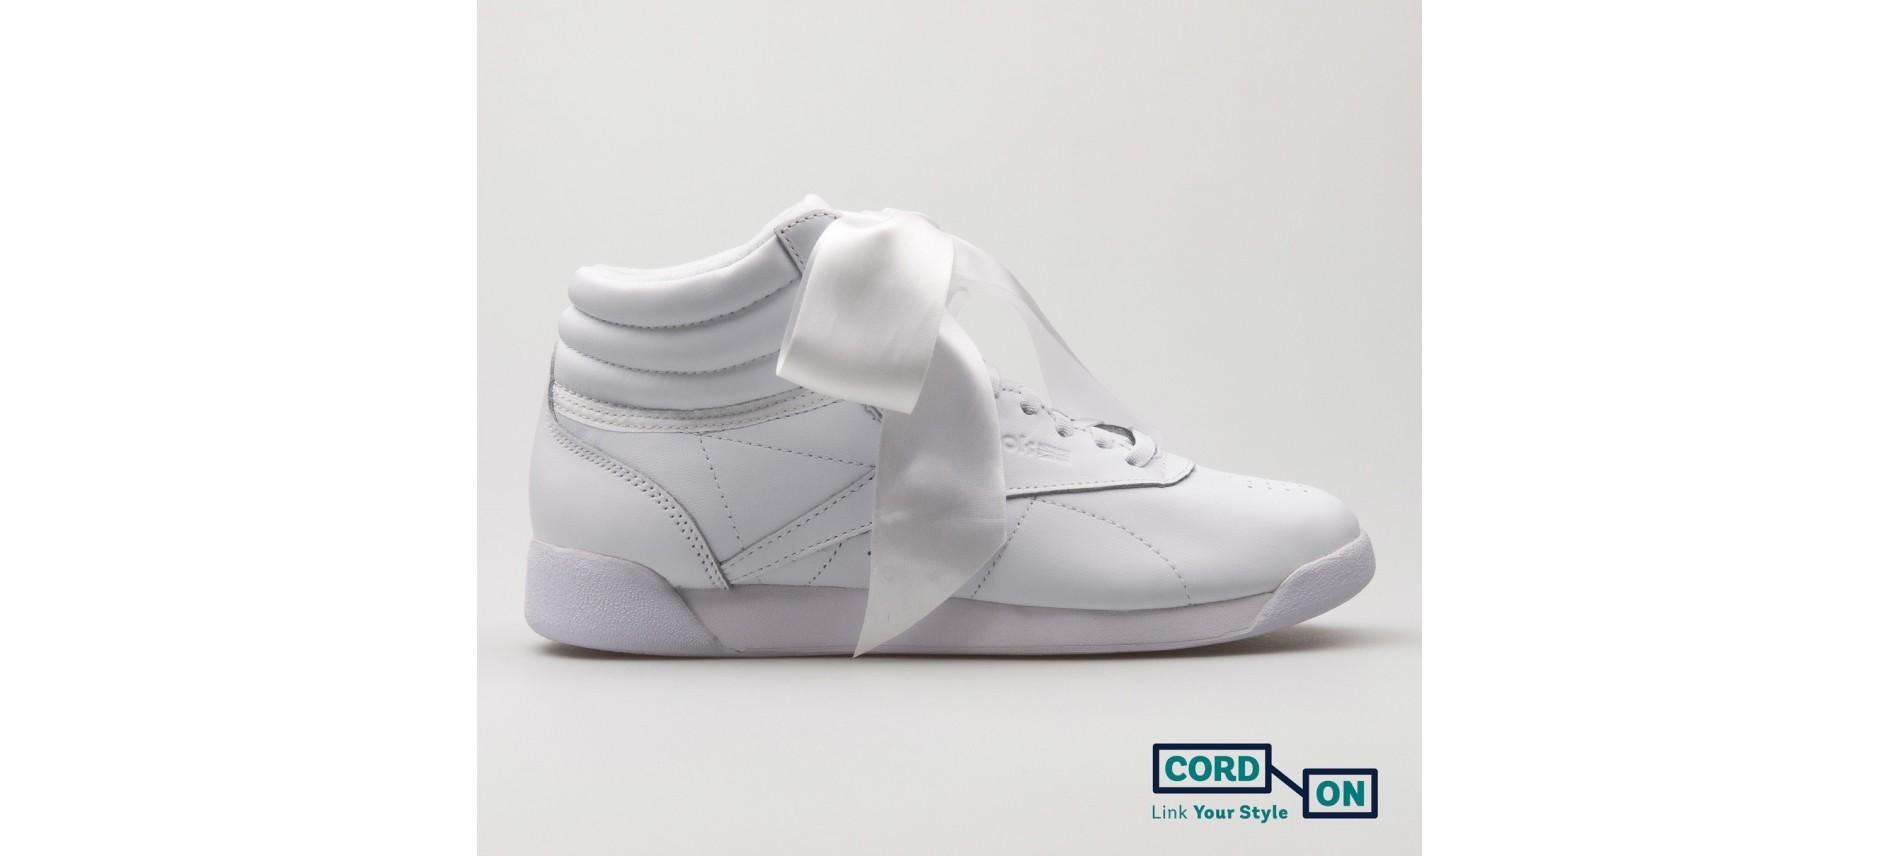 Comprar Cordones Cintas para zapatilla | Cord-On Shop